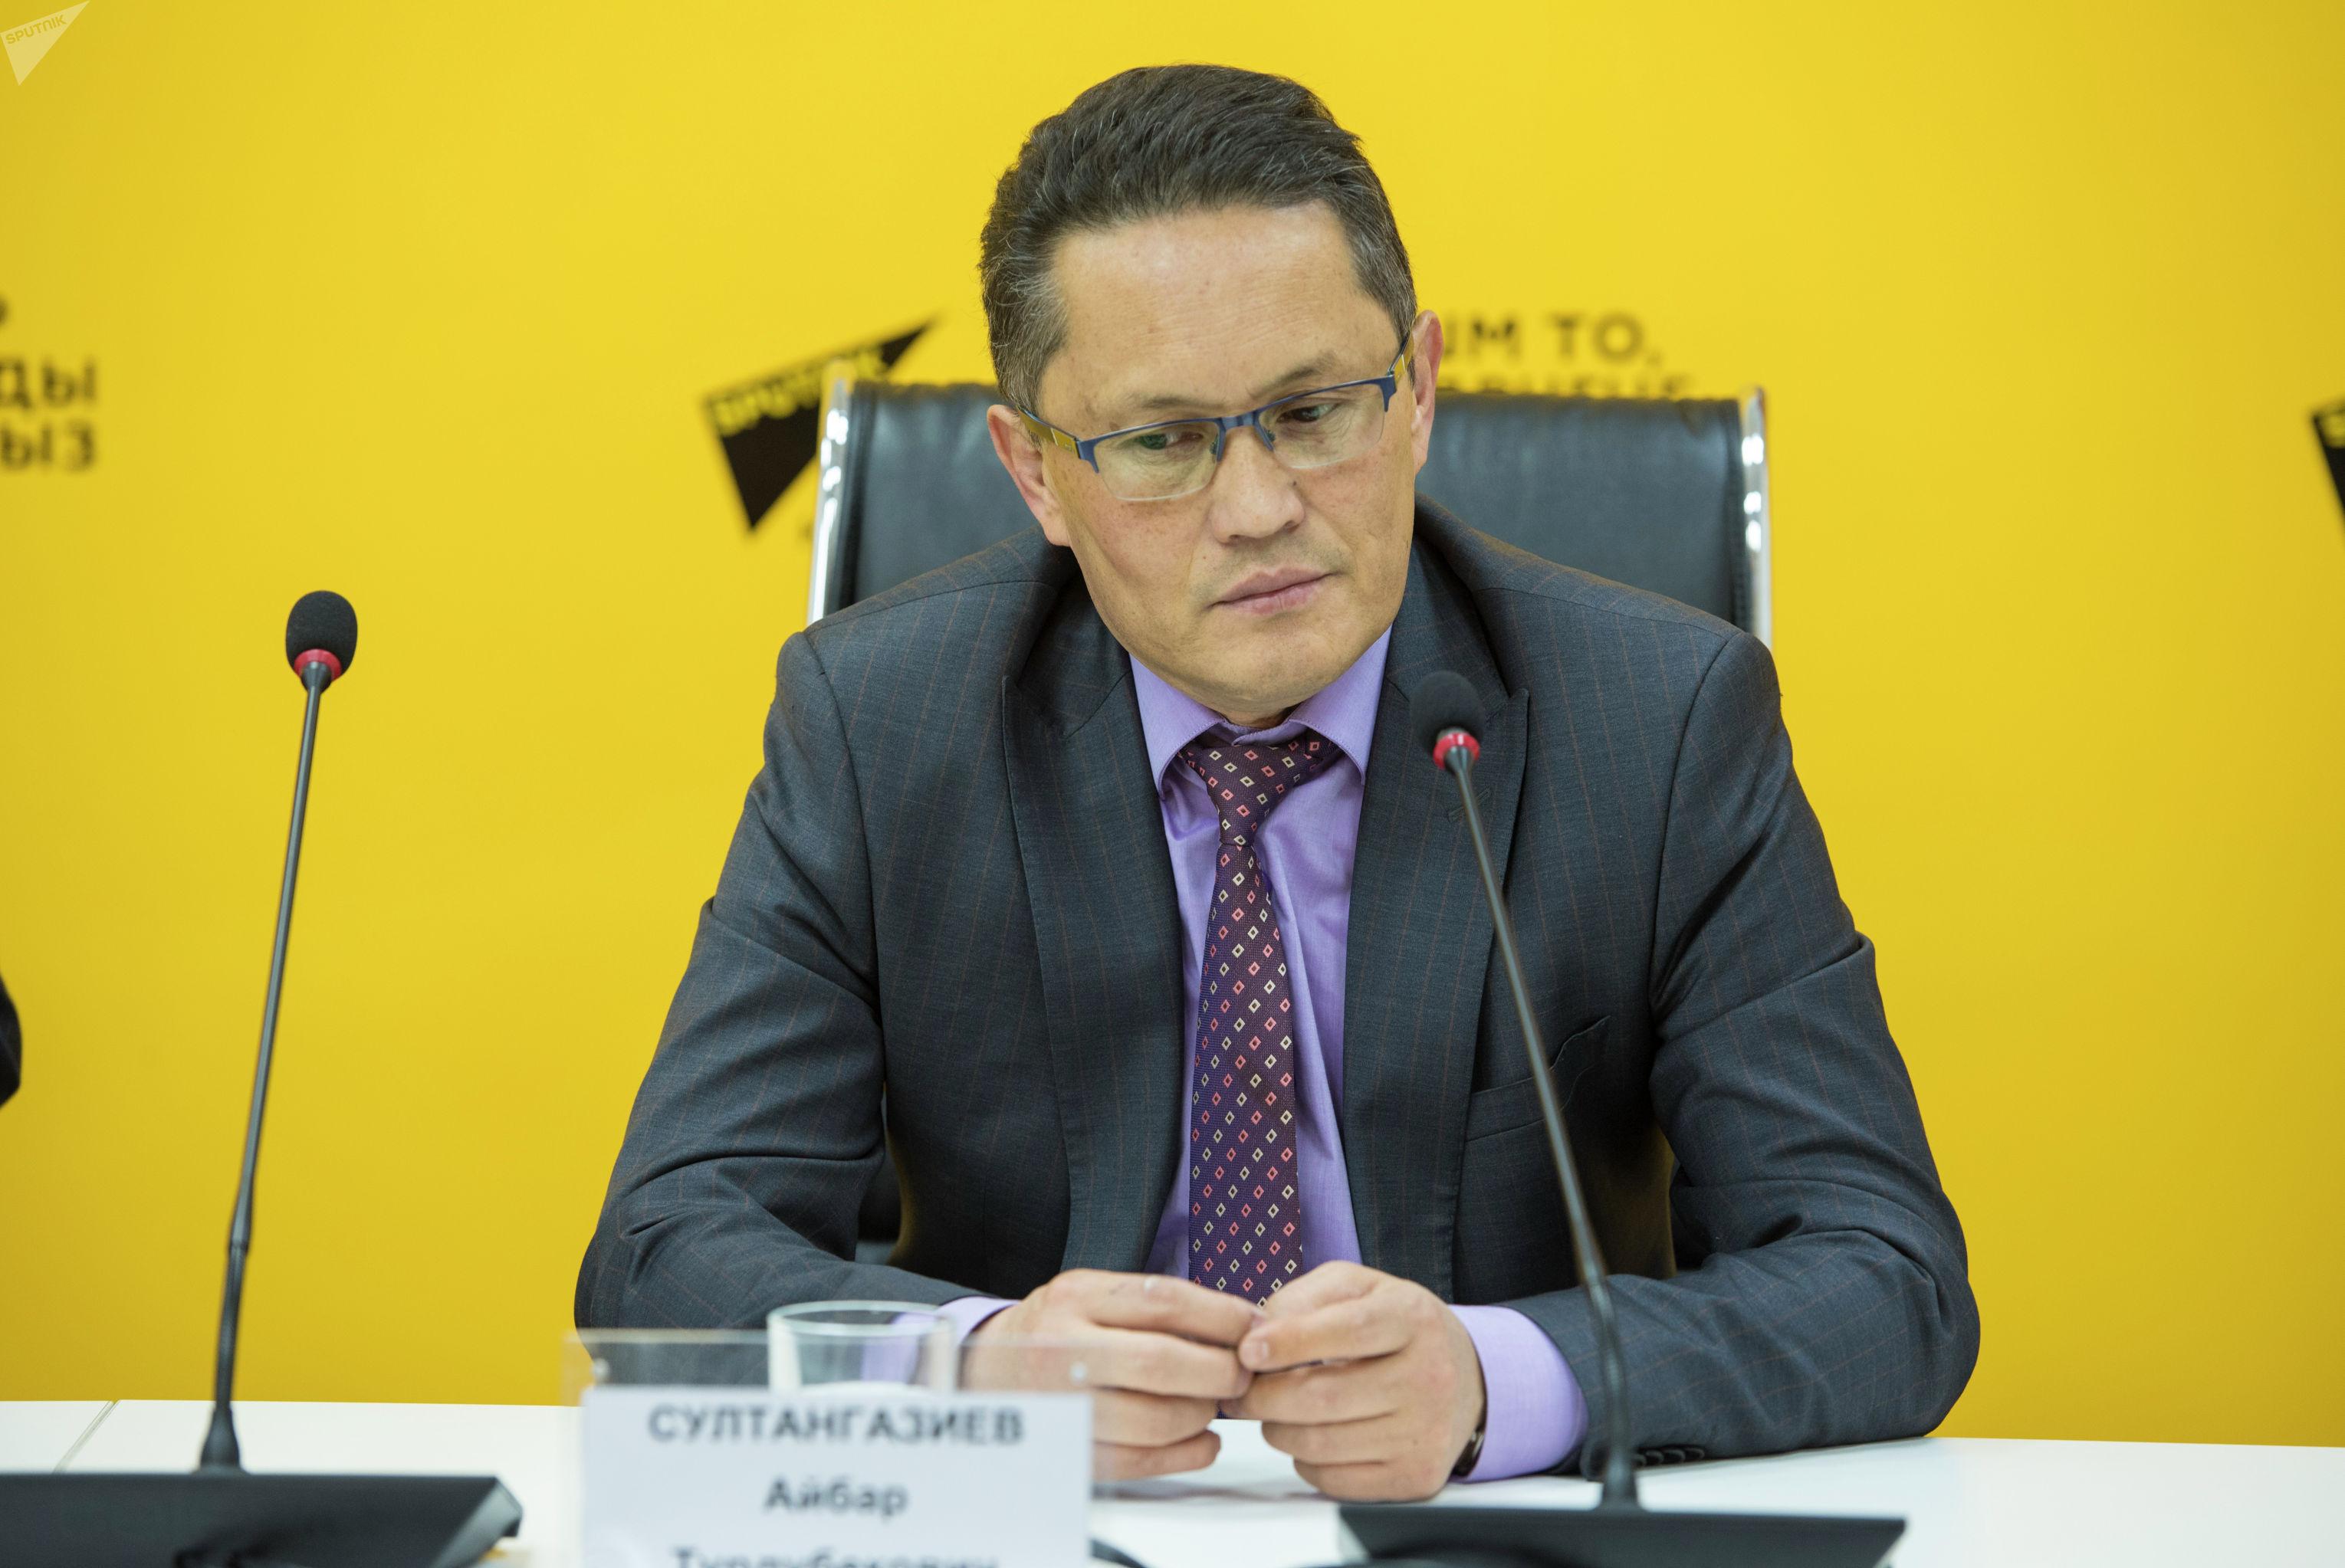 Исполнительный директор ассоциации Партнерская сеть Айбар Султангазиев на пресс-конференции в пресс-центре Sputnik Кыргызстан